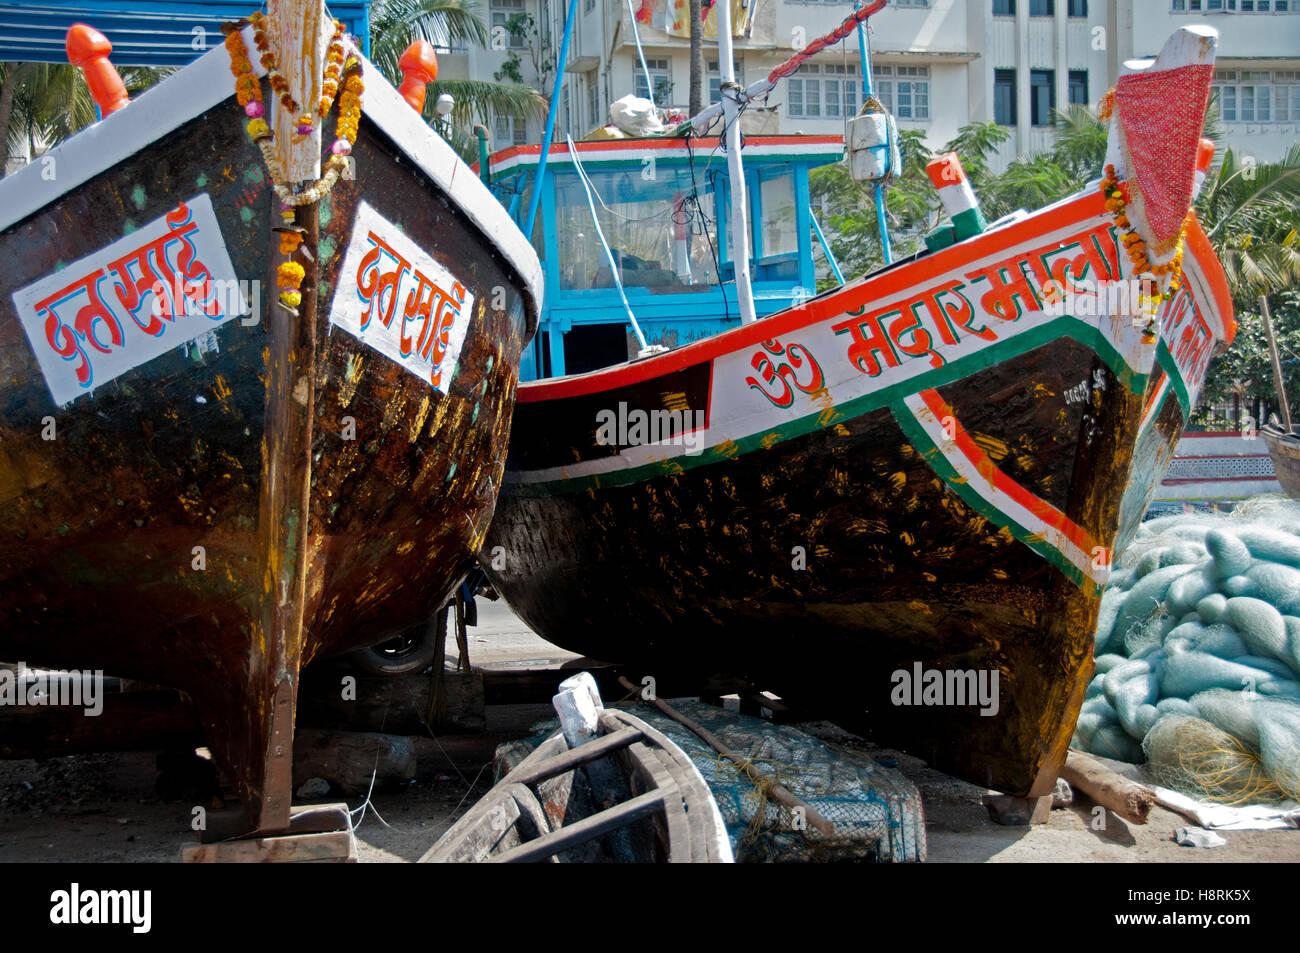 Barche da pesca closeup su blocchi visualizzando i nomi delle barche e il design degli scafi. Questo villaggio di Immagini Stock